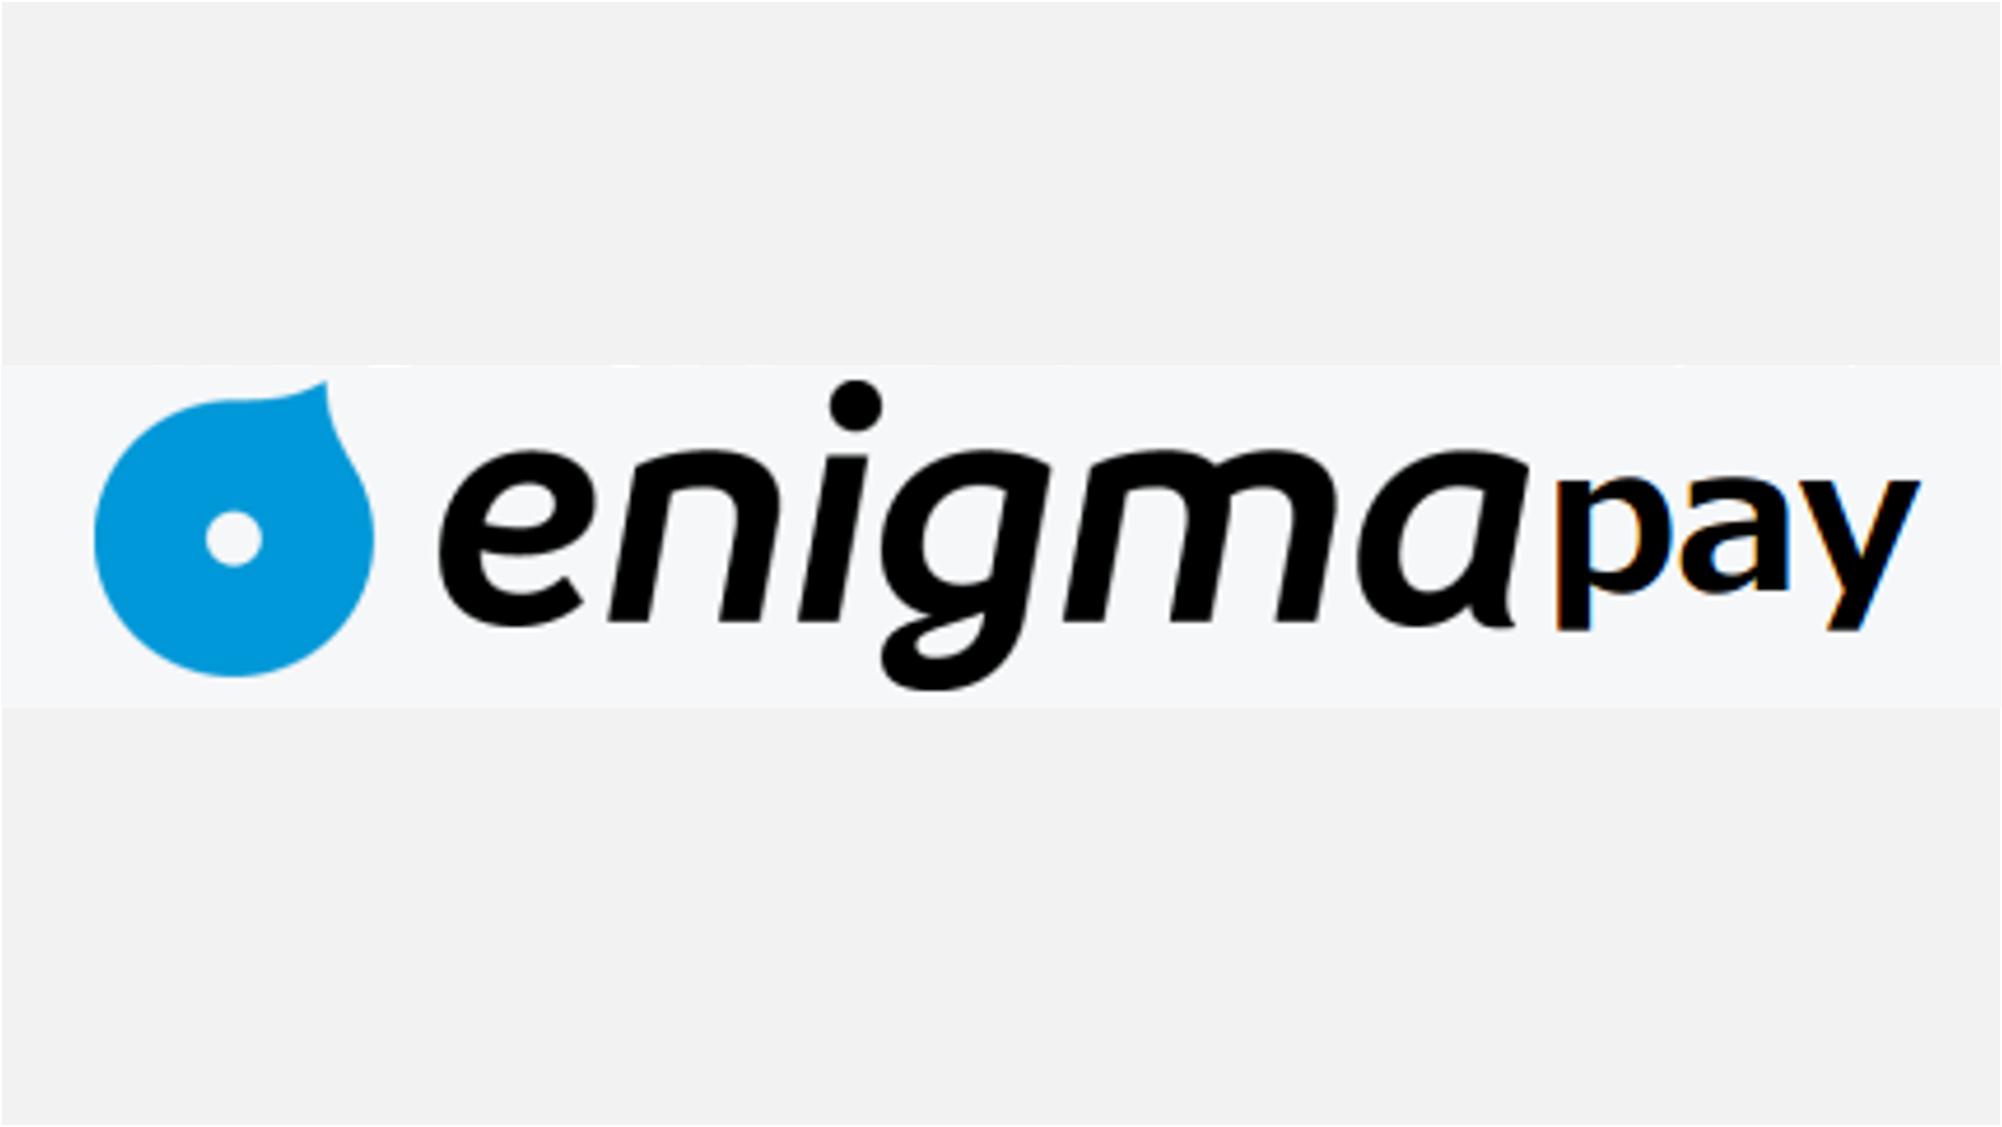 給与前払いサービス「enigma pay」